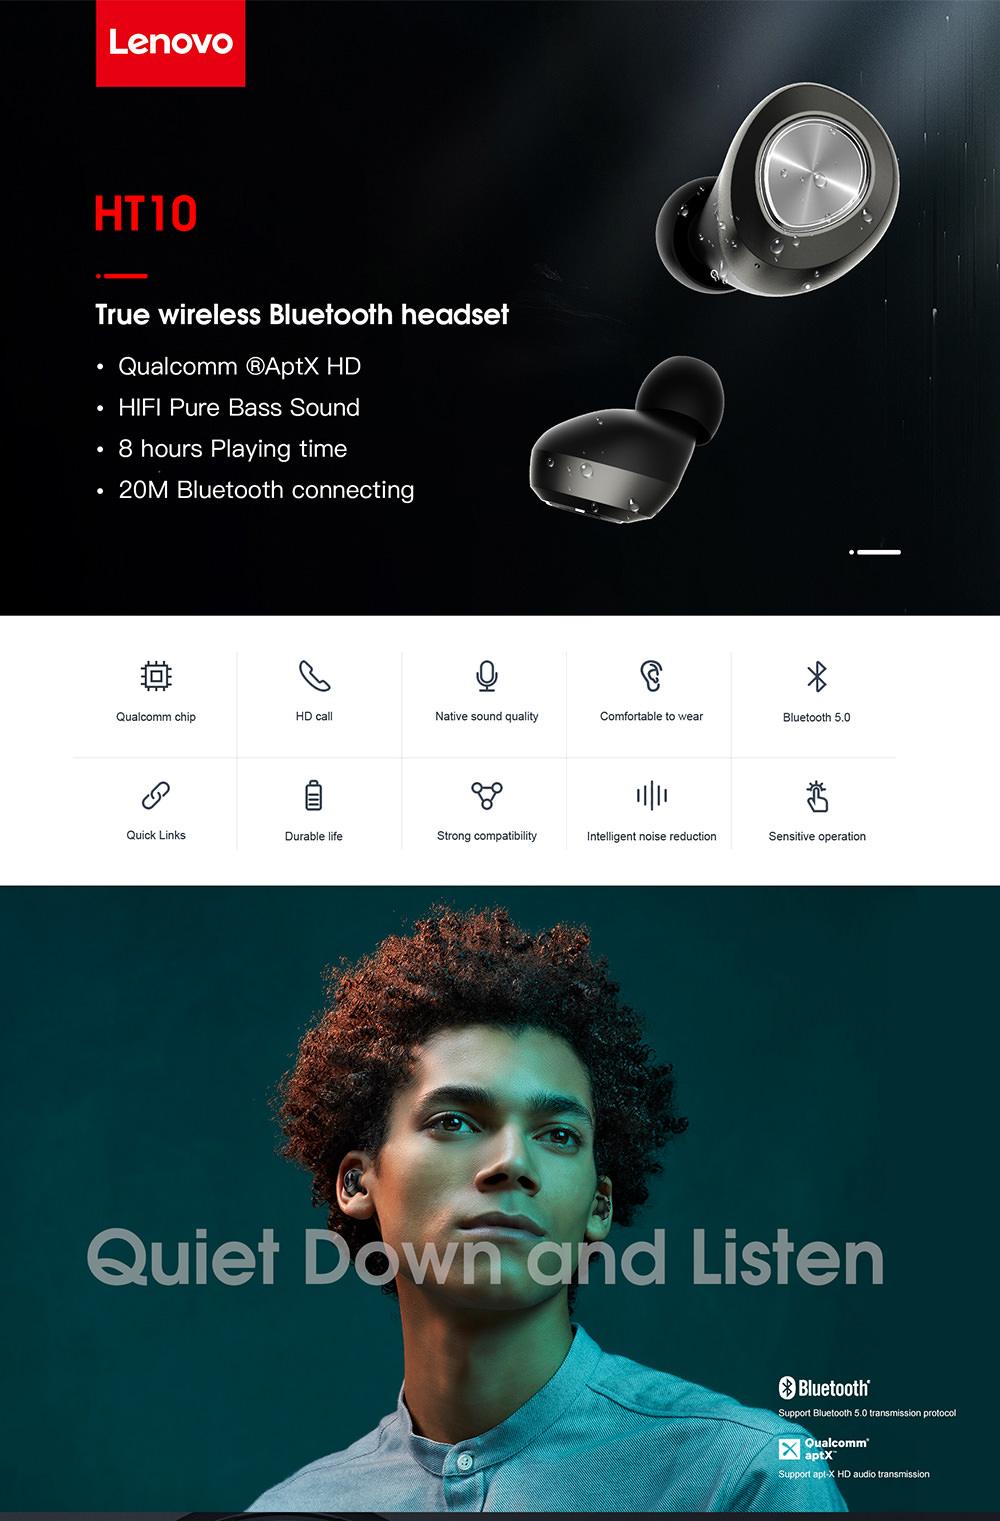 [Image: Lenovo-ht10-tws-earphone-1.jpg]